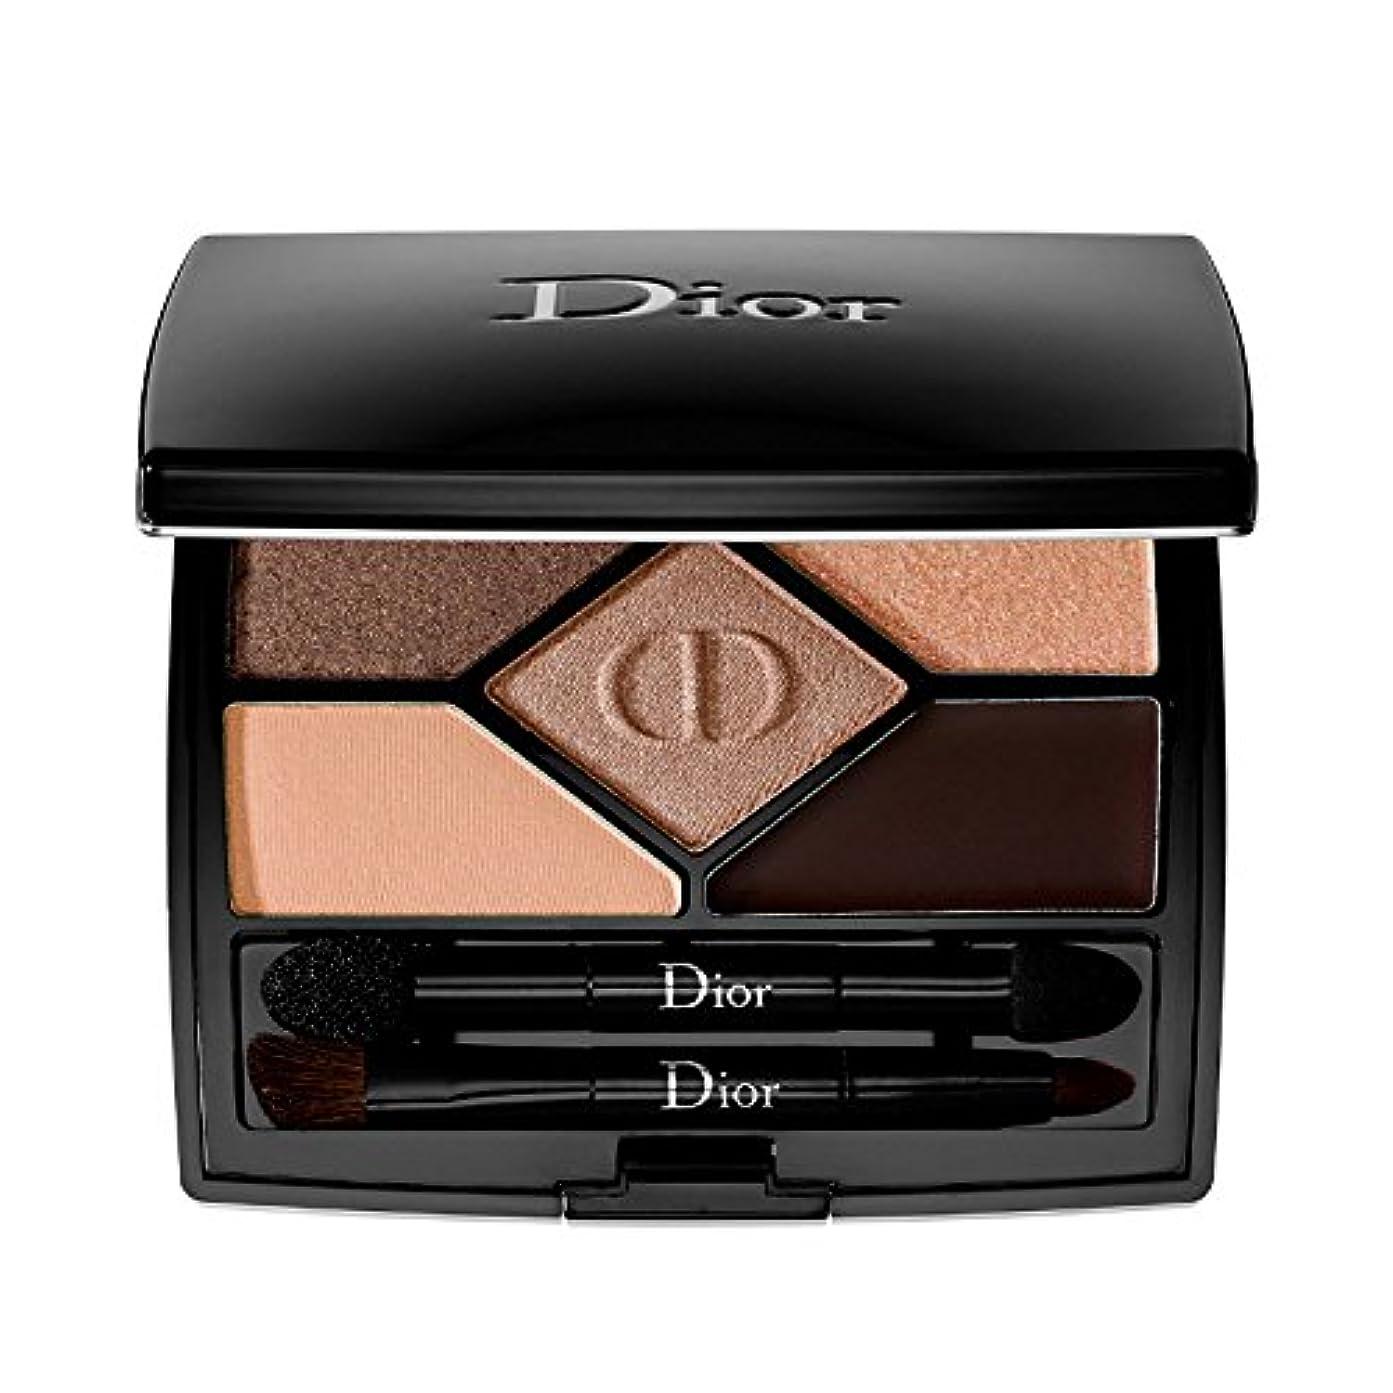 素朴なポップ繁雑クリスチャン ディオール(Christian Dior) サンク クルール デザイナー #708 アンバー デザイン 5.7g[並行輸入品]